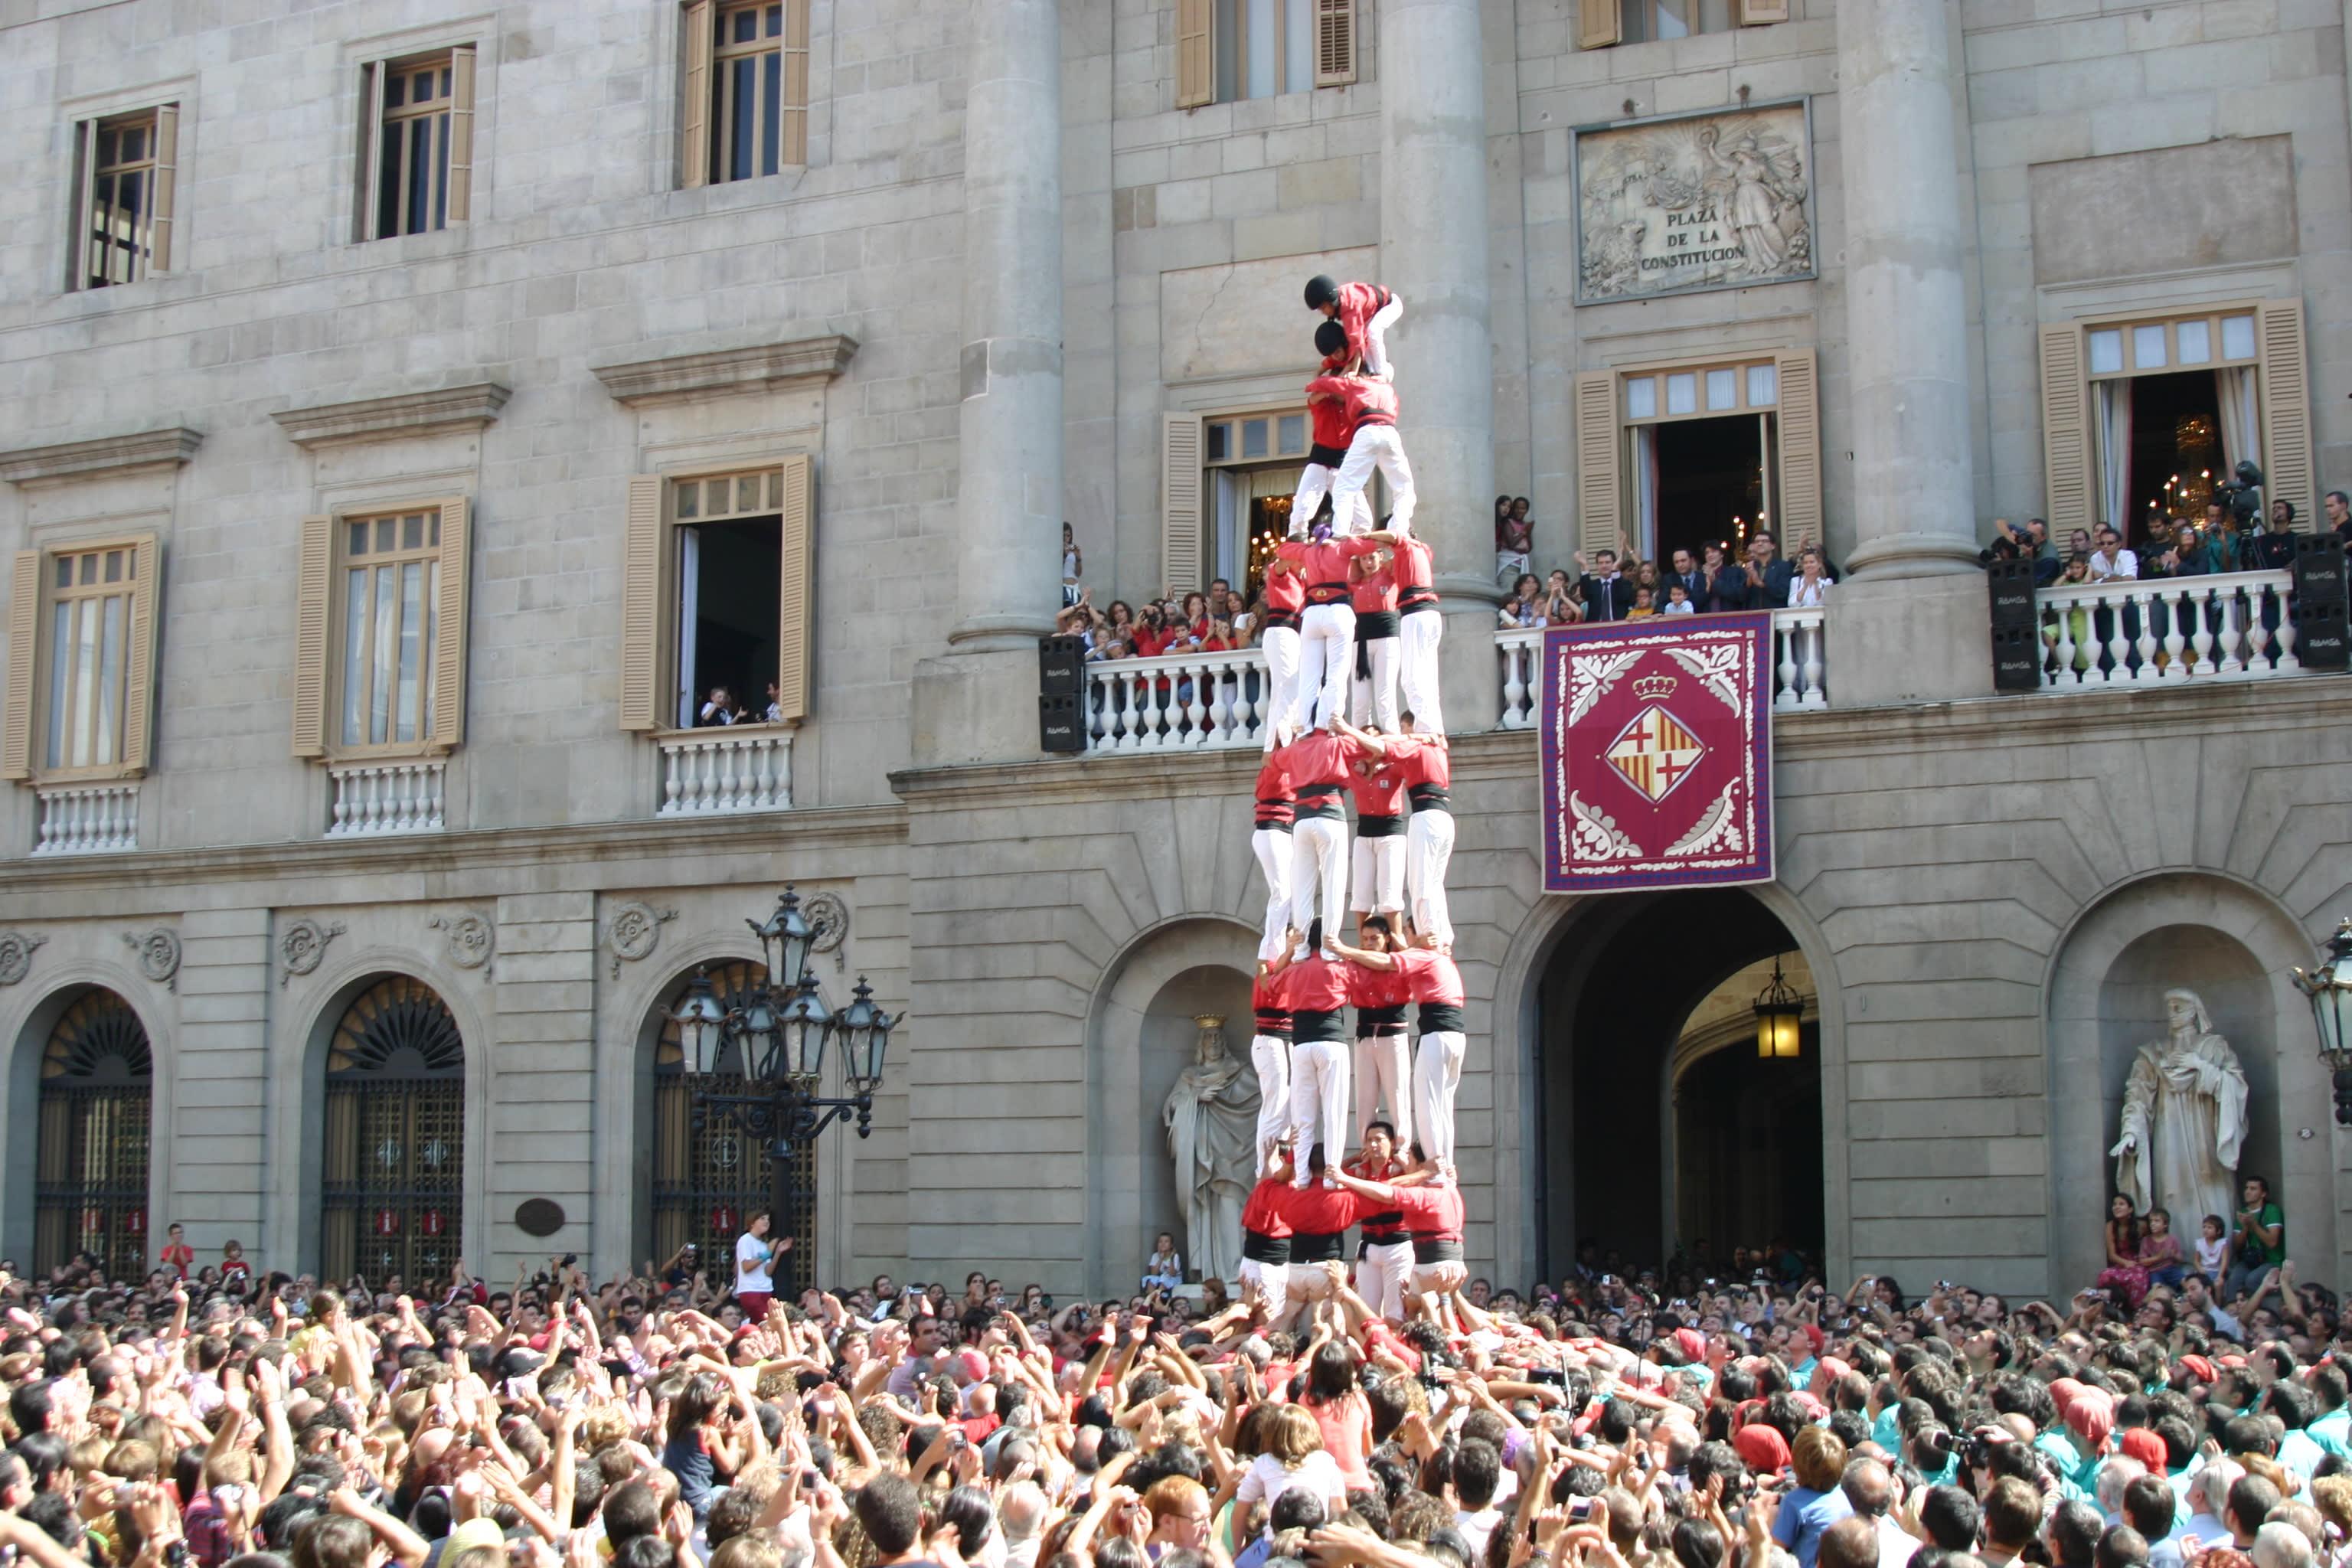 Festes Majors in Barcelona